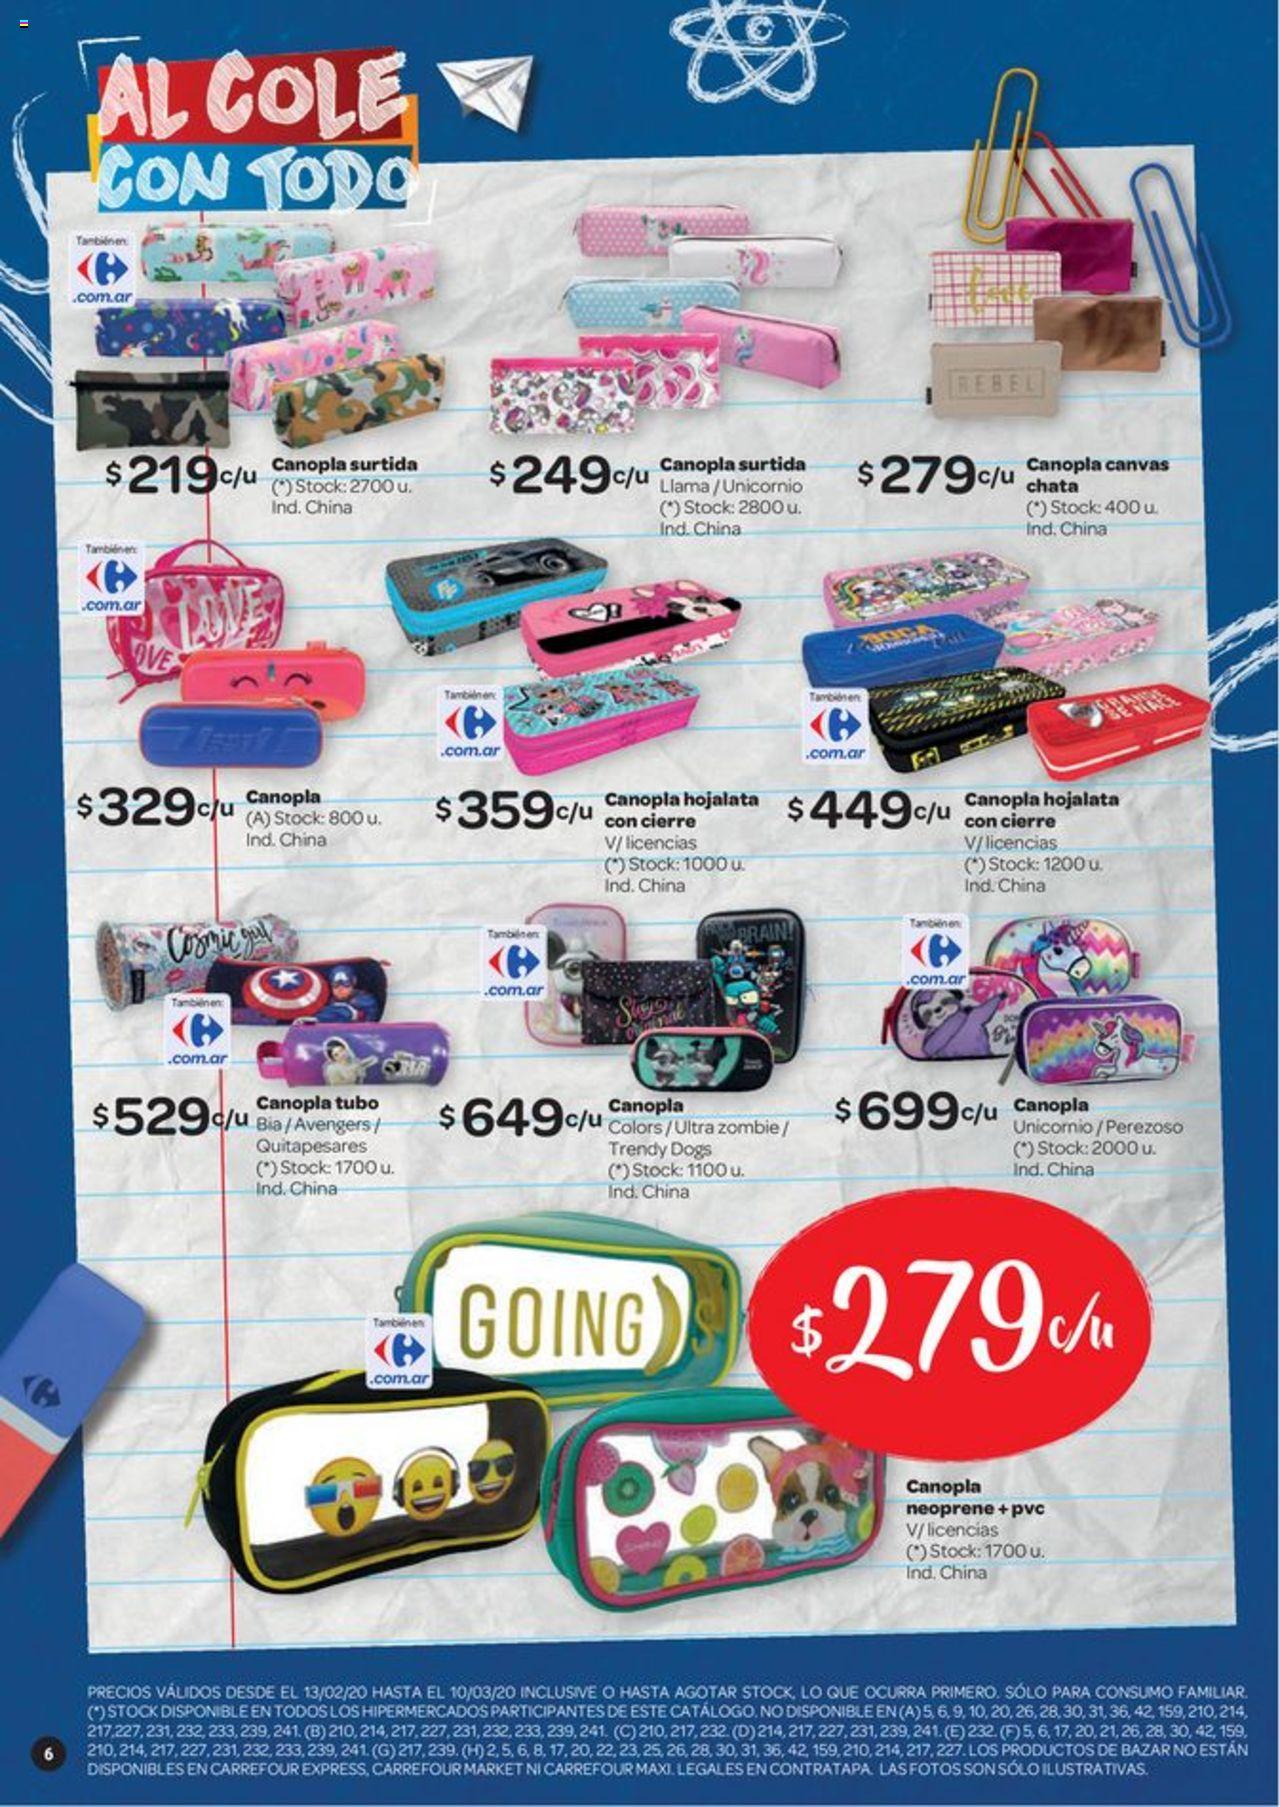 Carrefour Oferta válido desde el 13/02/2020 número de página 1 | Página: 6